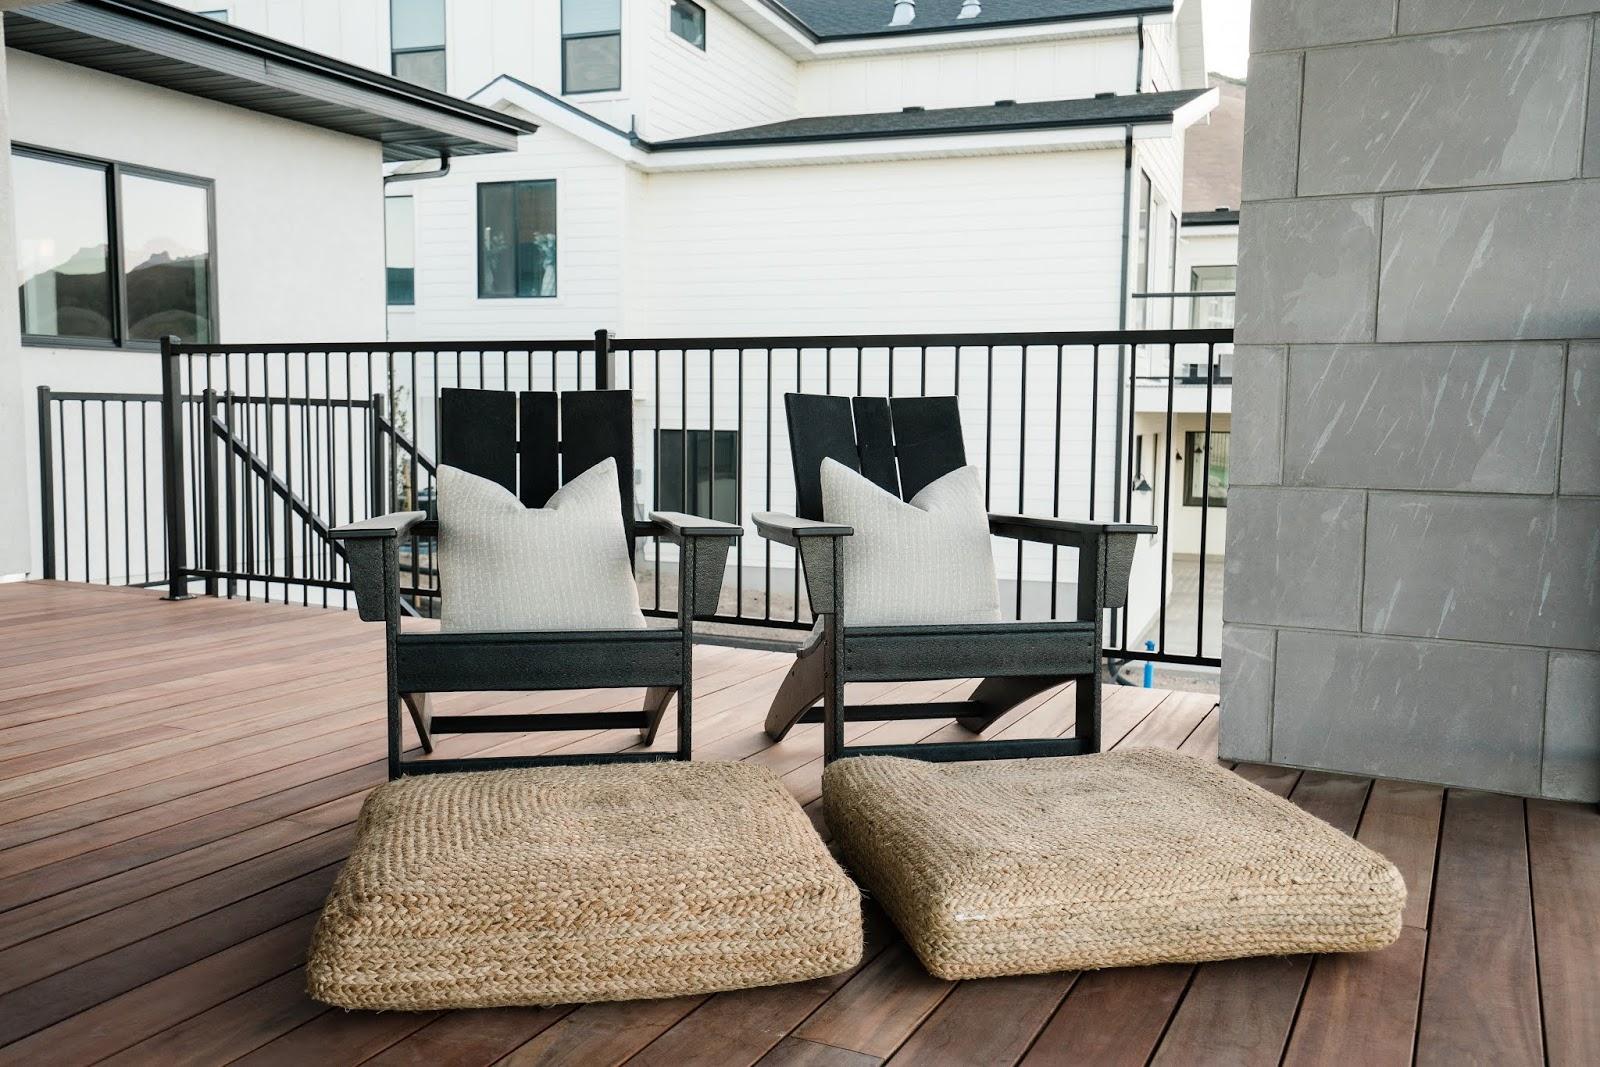 Deck Seating, Modern Furniture